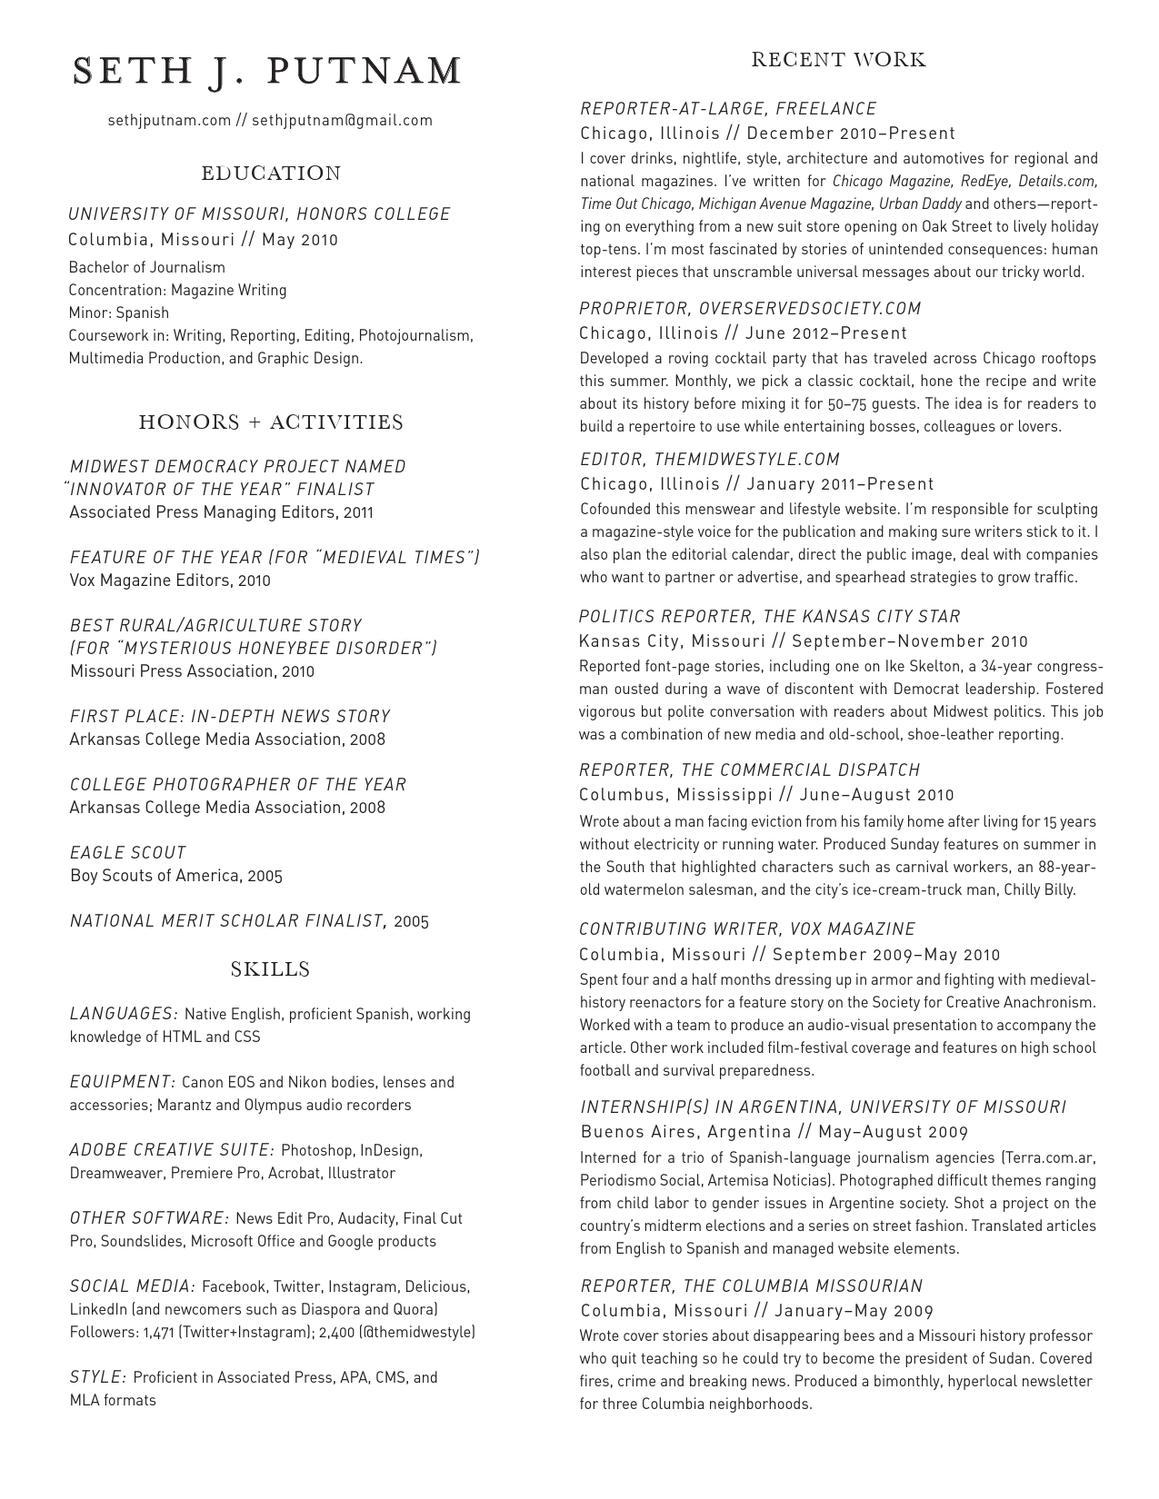 seth j  putnam u0026 39 s resume by seth putnam